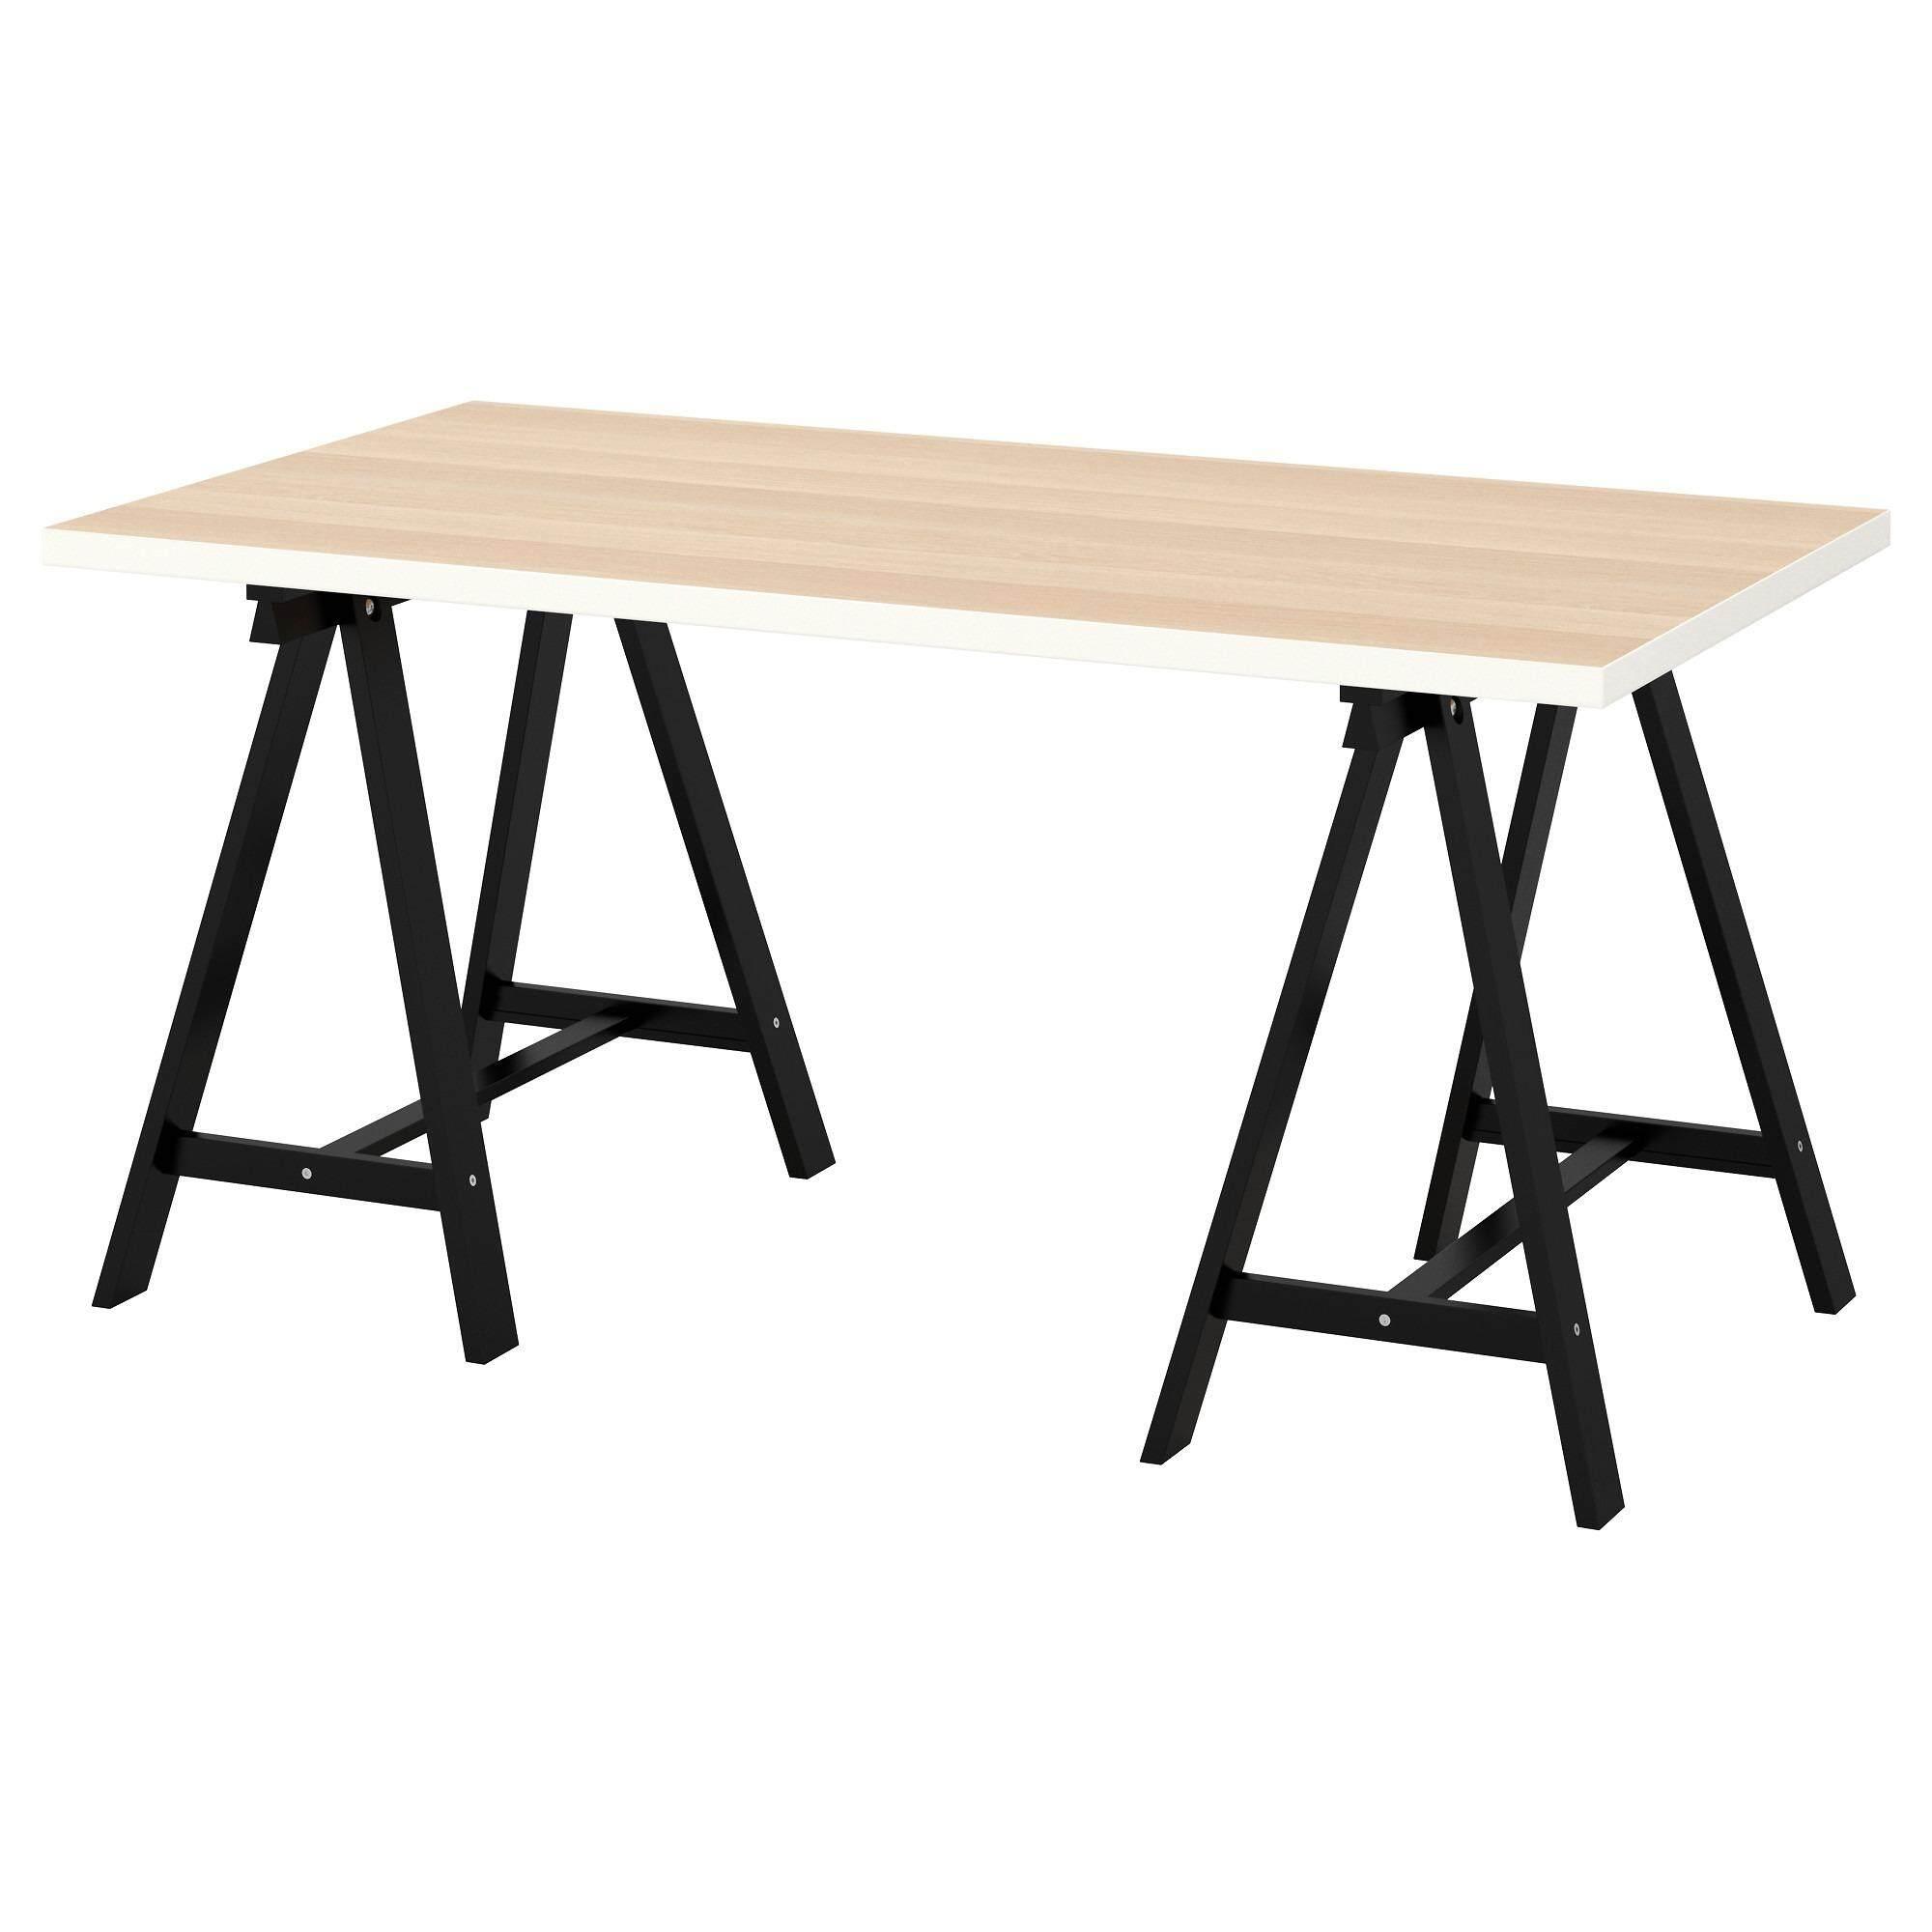 ขาย โต๊ะทำงาน โครงขาไม้สน วัสดุแข็งแรงและมีน้ำหนักเบา 150X75 ซม Alohagiftshop ใน Thailand